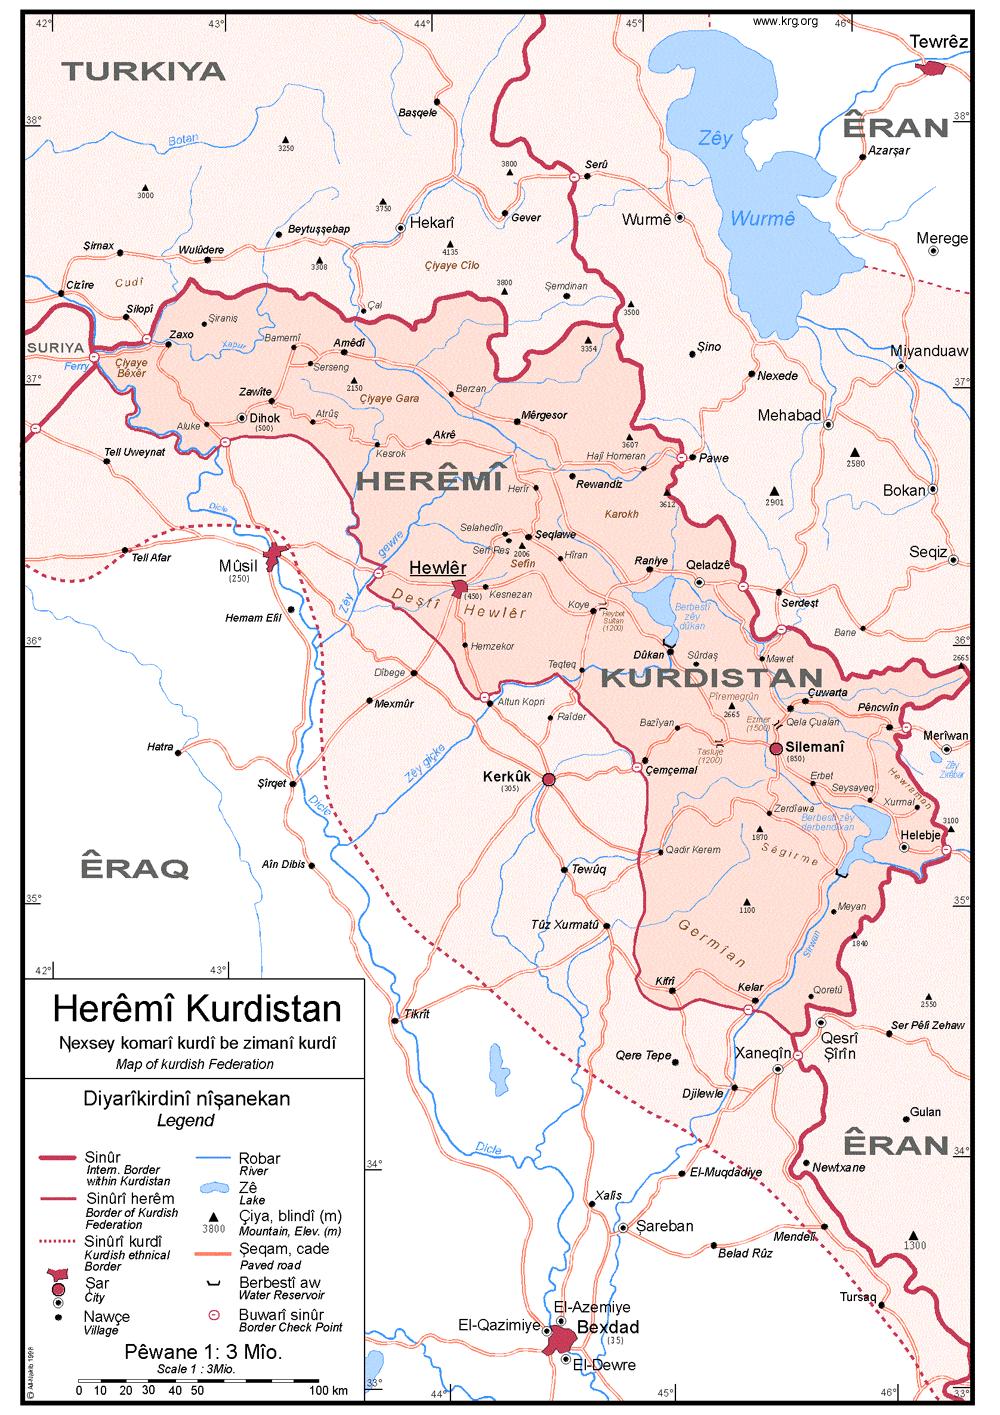 kurdistan-basur-mezin.png